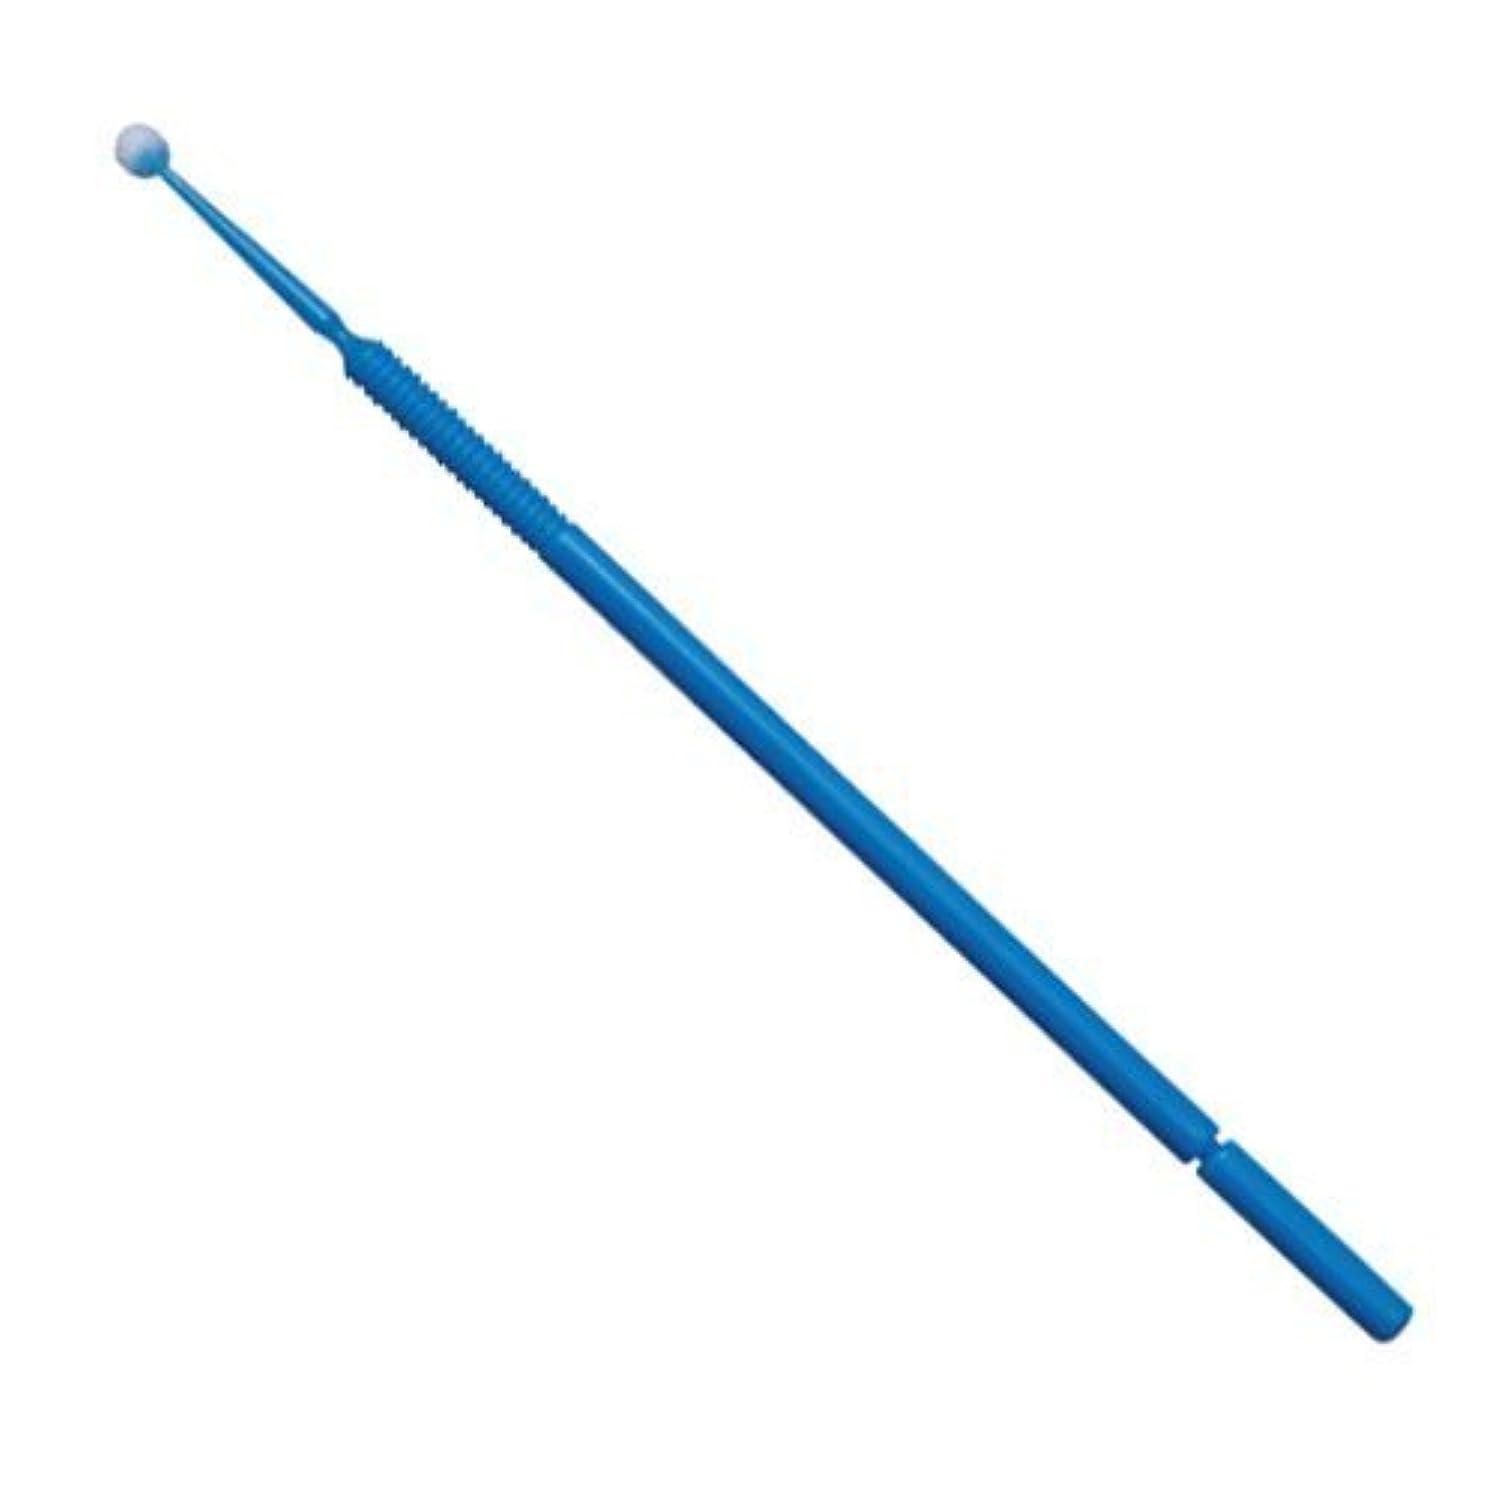 マイクロアプリケーター(マイクロブラシ) レギュラー:φ2.0mm、ブルー/ 1箱100本